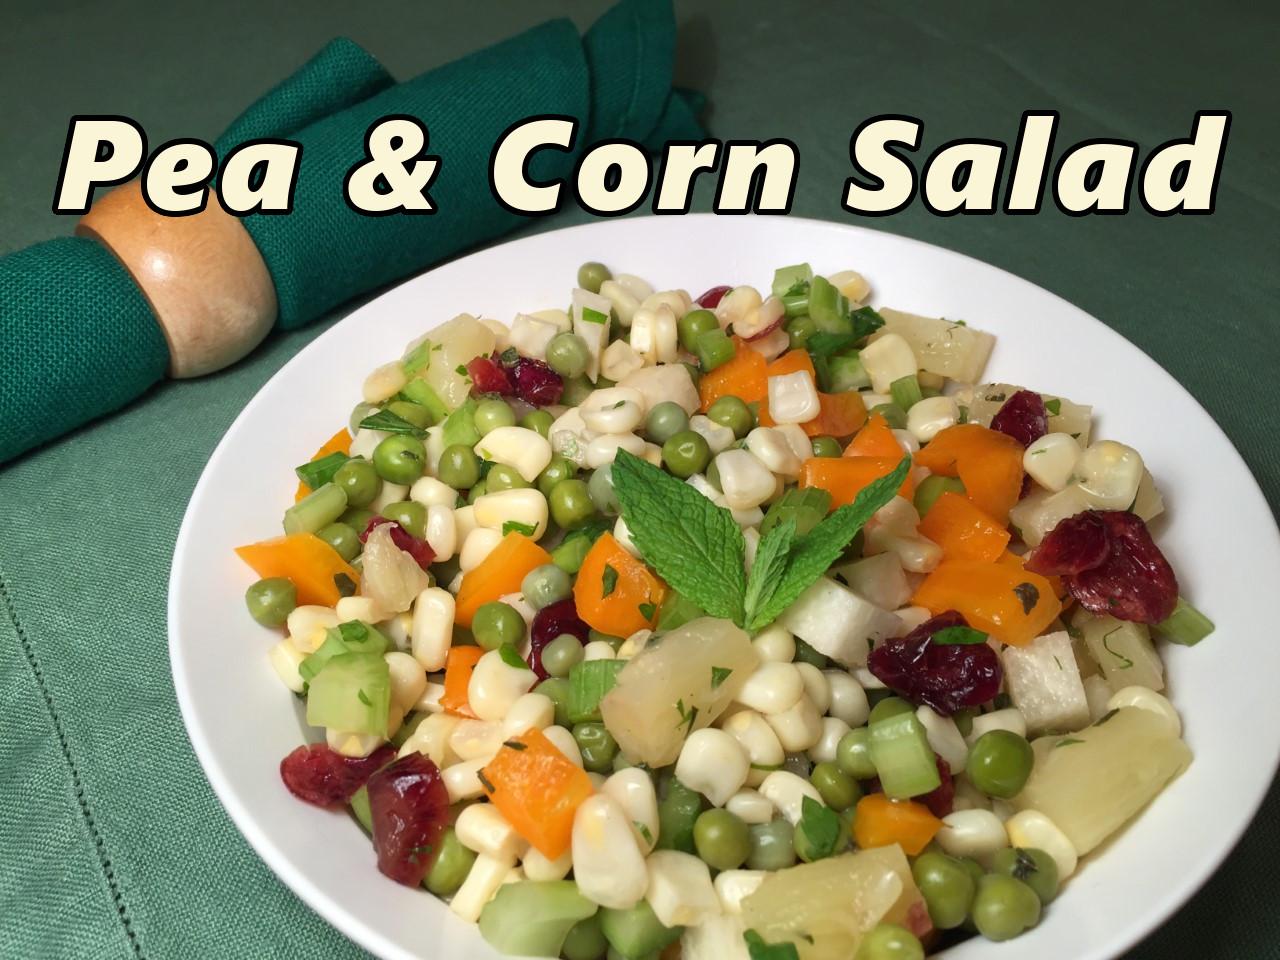 pea & corn salad text